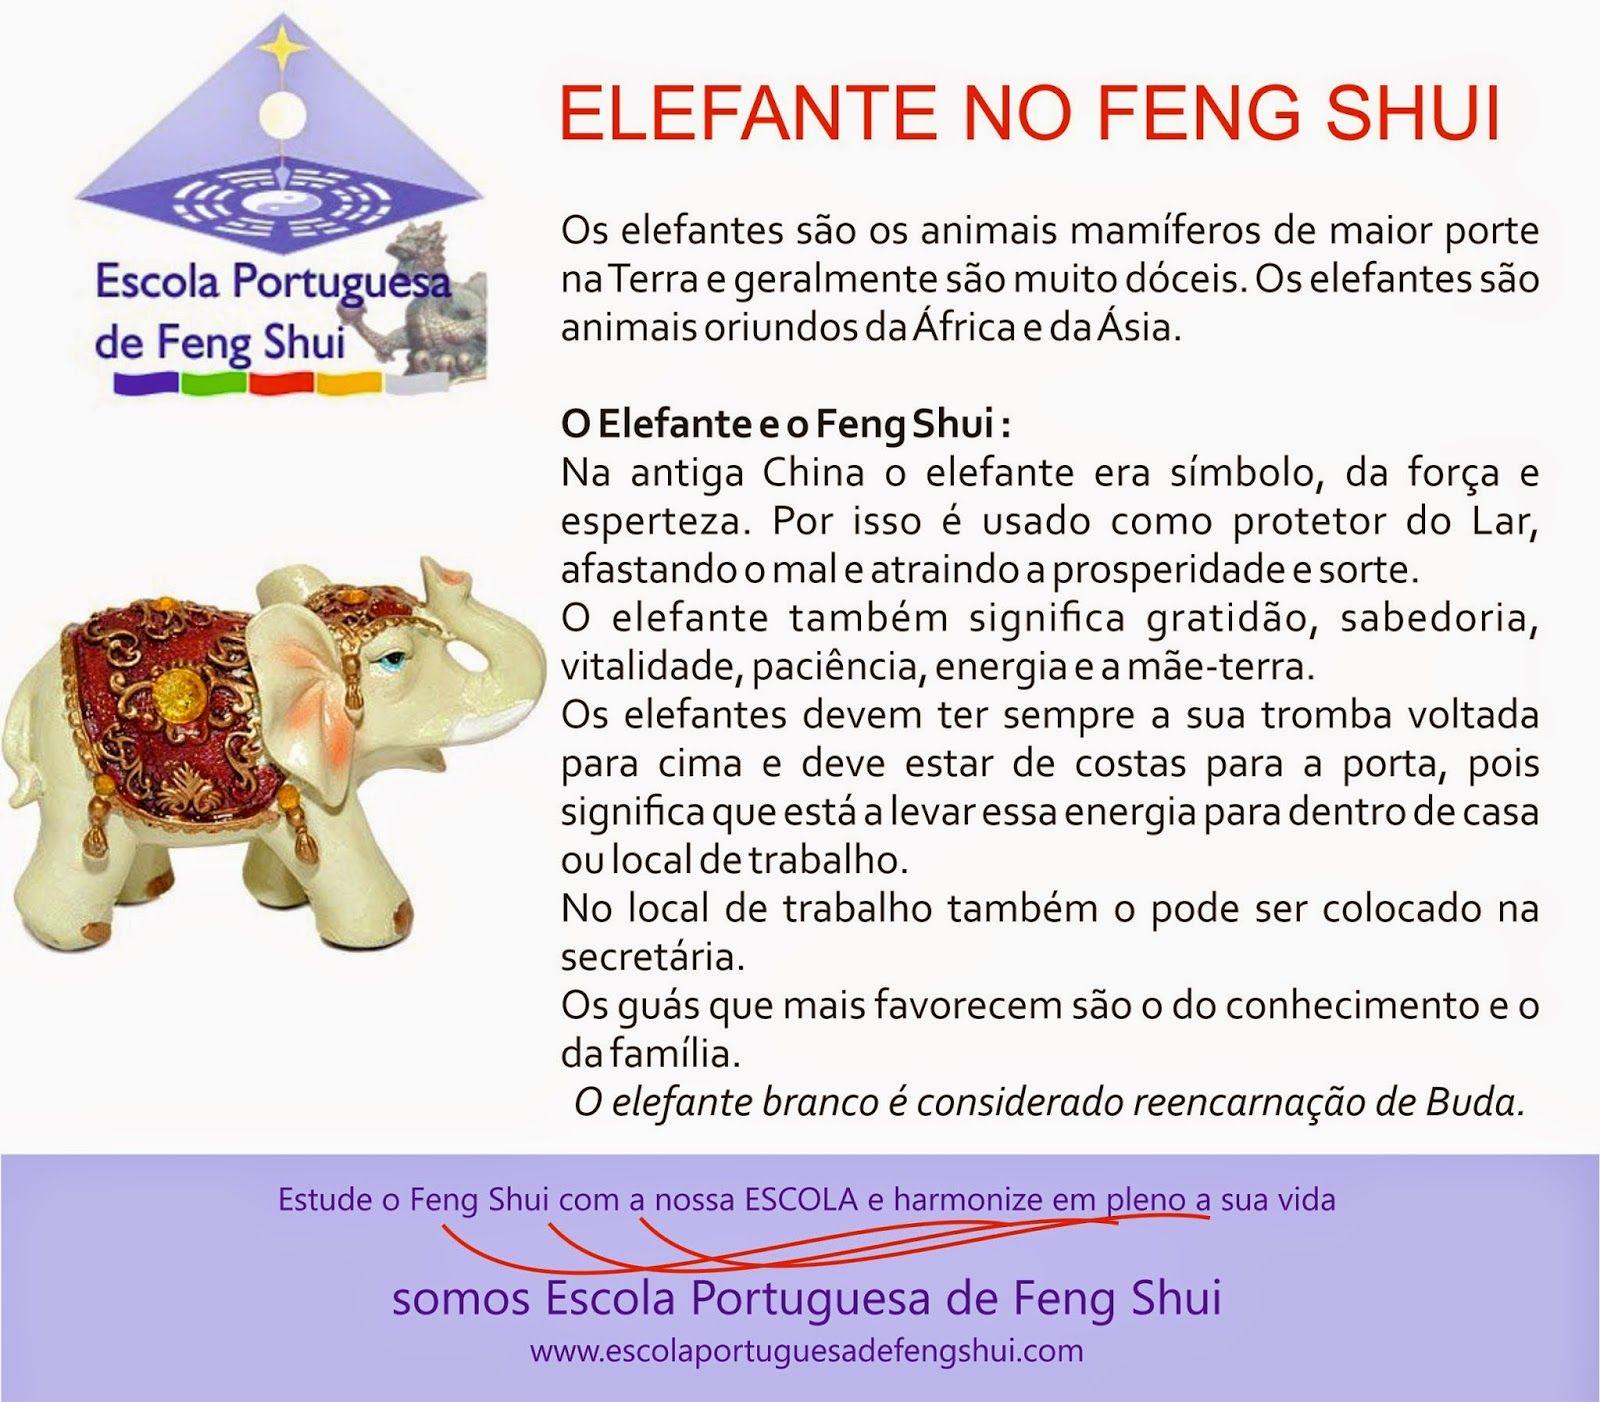 Escola Portuguesa de Feng Shui: ELEFANTE PARA O FENG SHUI                                                                                                                                                                                 Mais